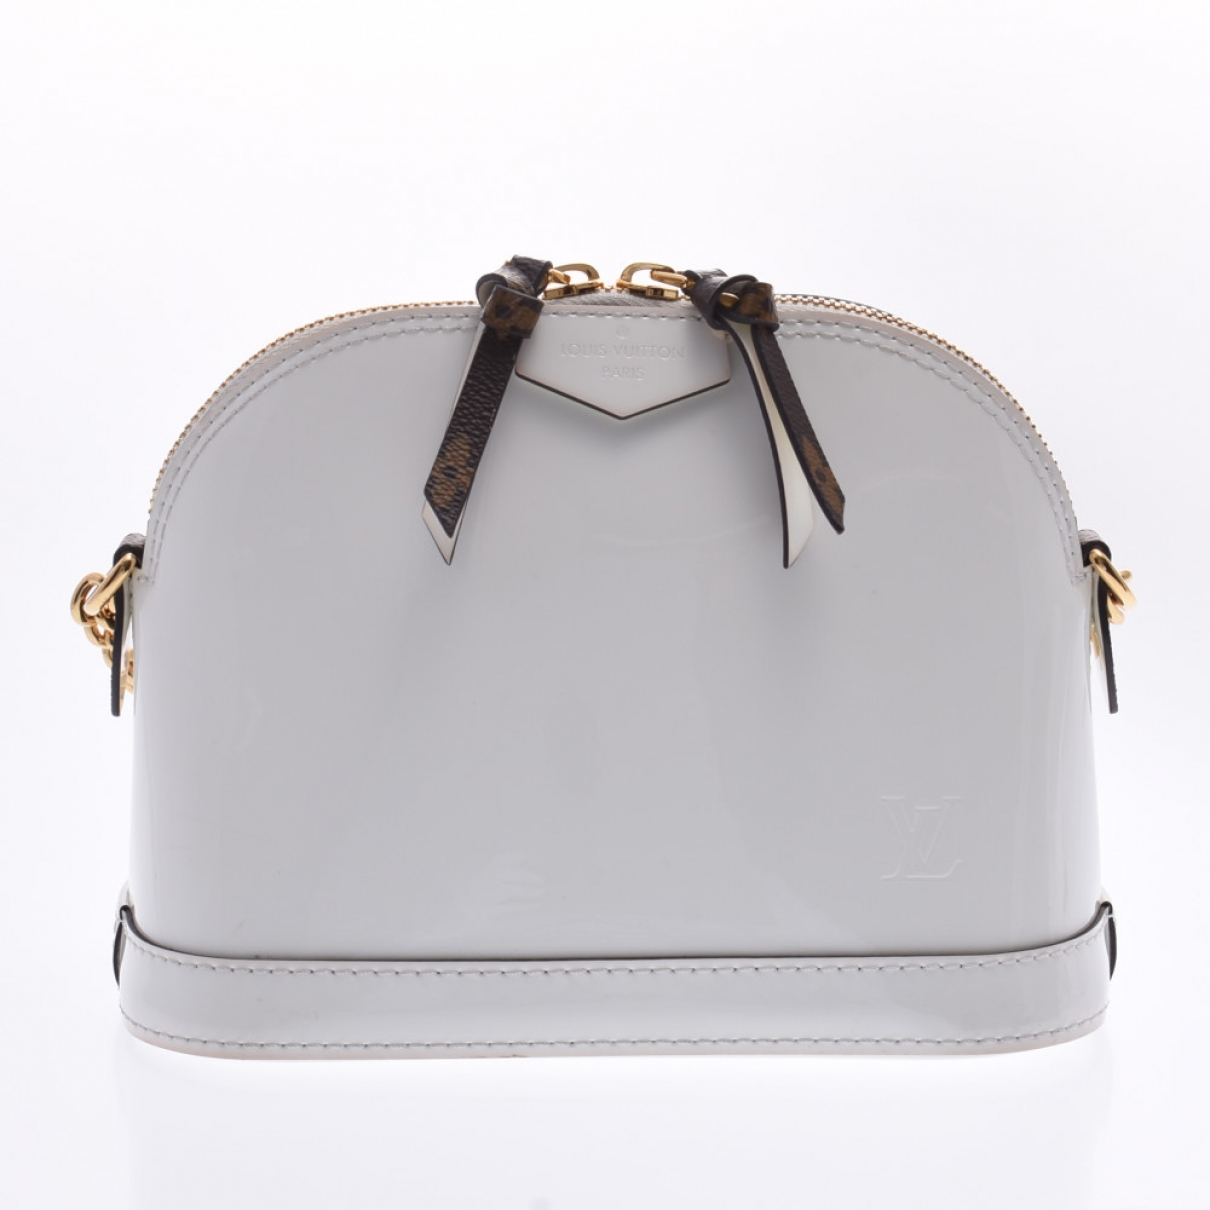 Louis Vuitton Alma BB Handtasche in  Weiss Leder